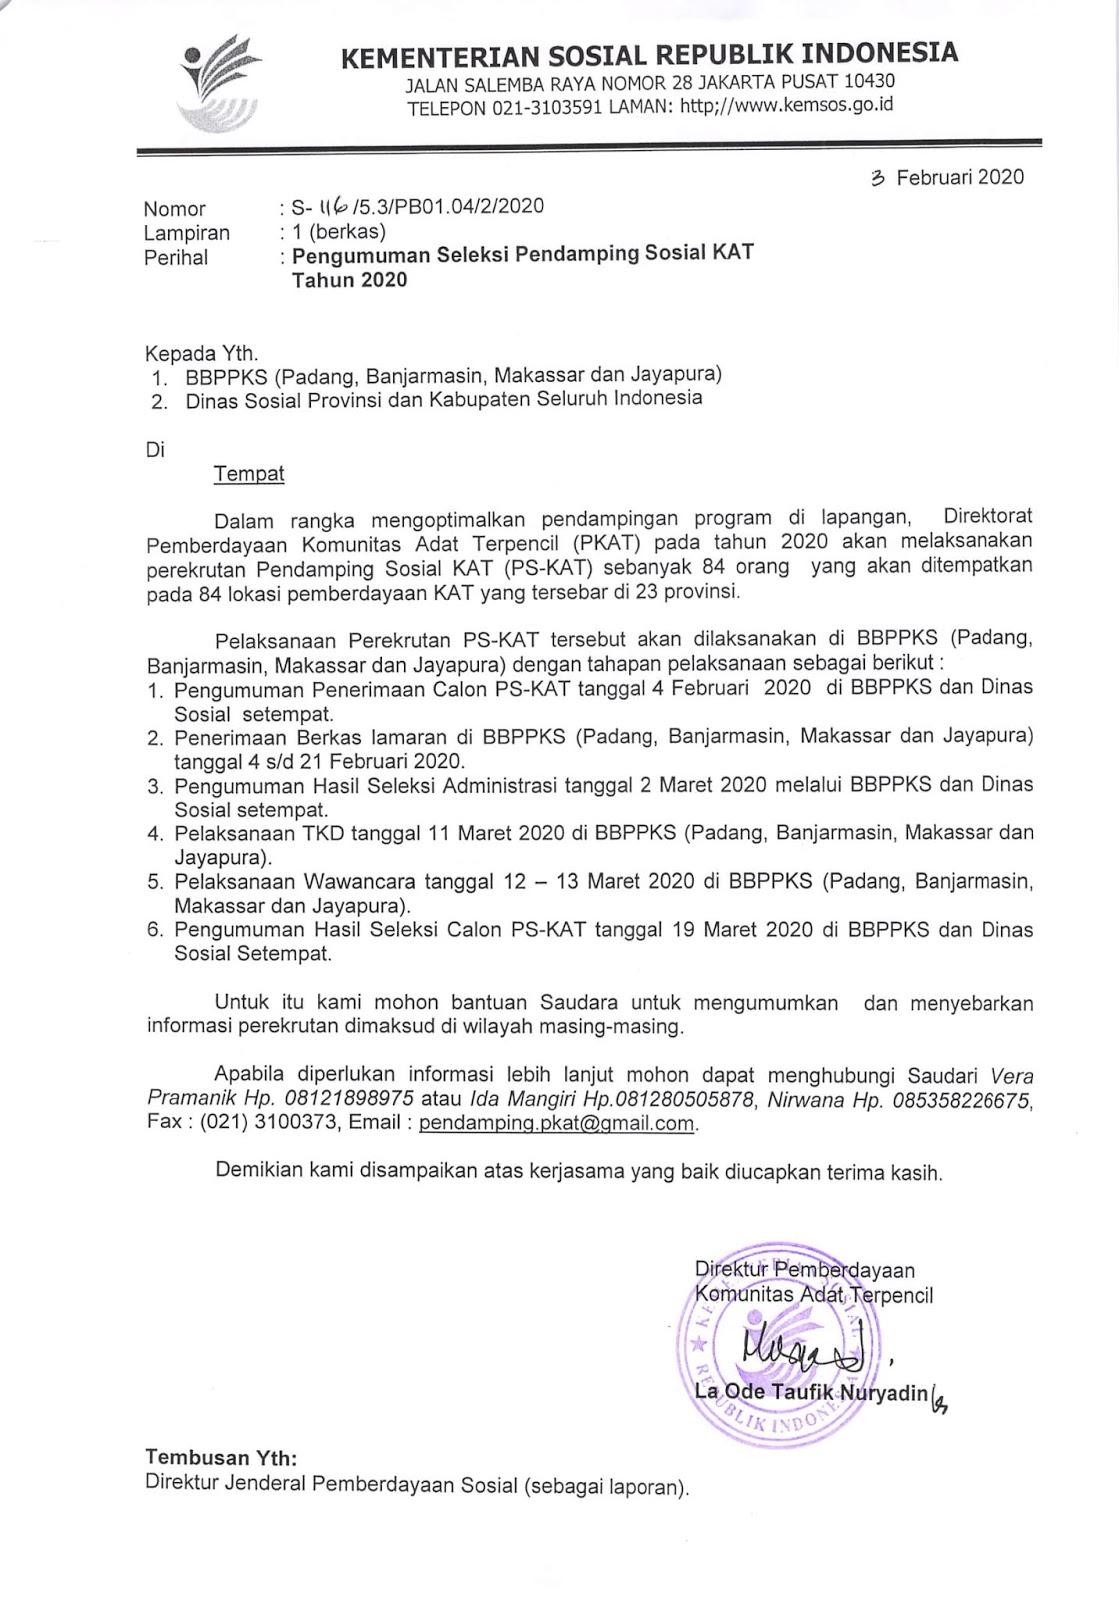 Rekrutmen Non PNS Pendamping Sosial KAT Kementerian Sosial Republik Indonesia Bulan Februari 2020